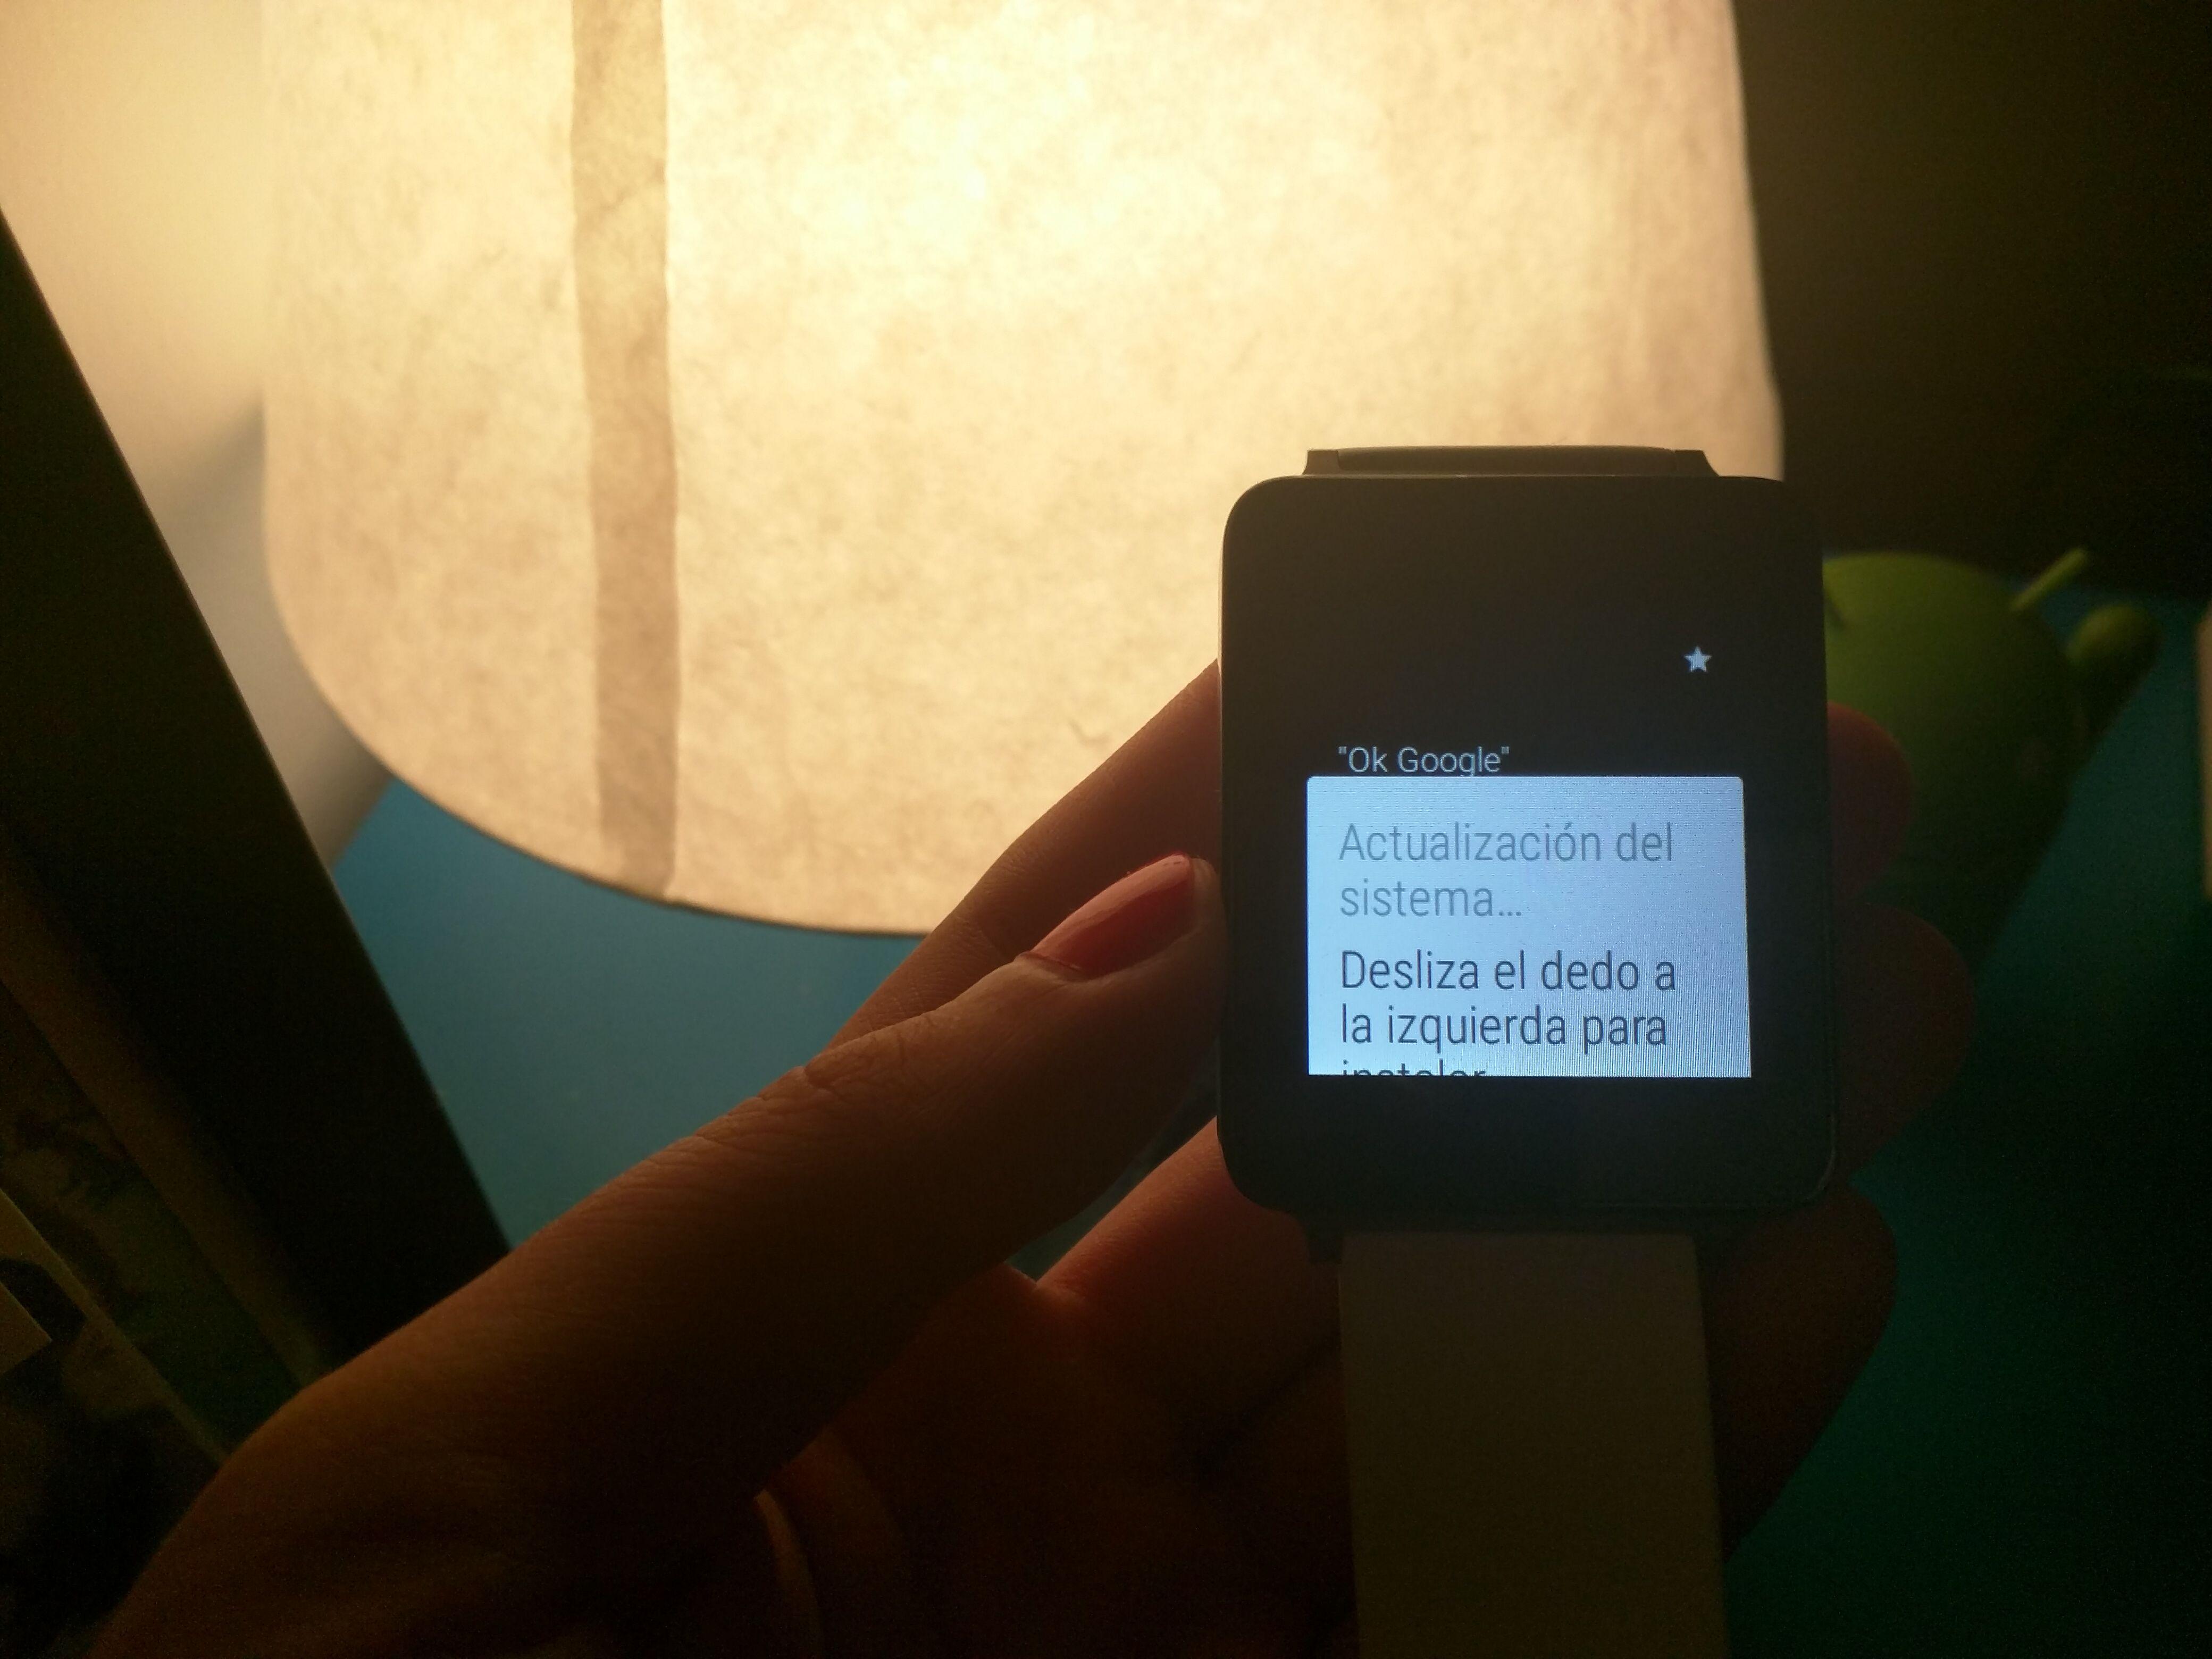 Cómo actualizar el LG G Watch a Android Wear 1.3